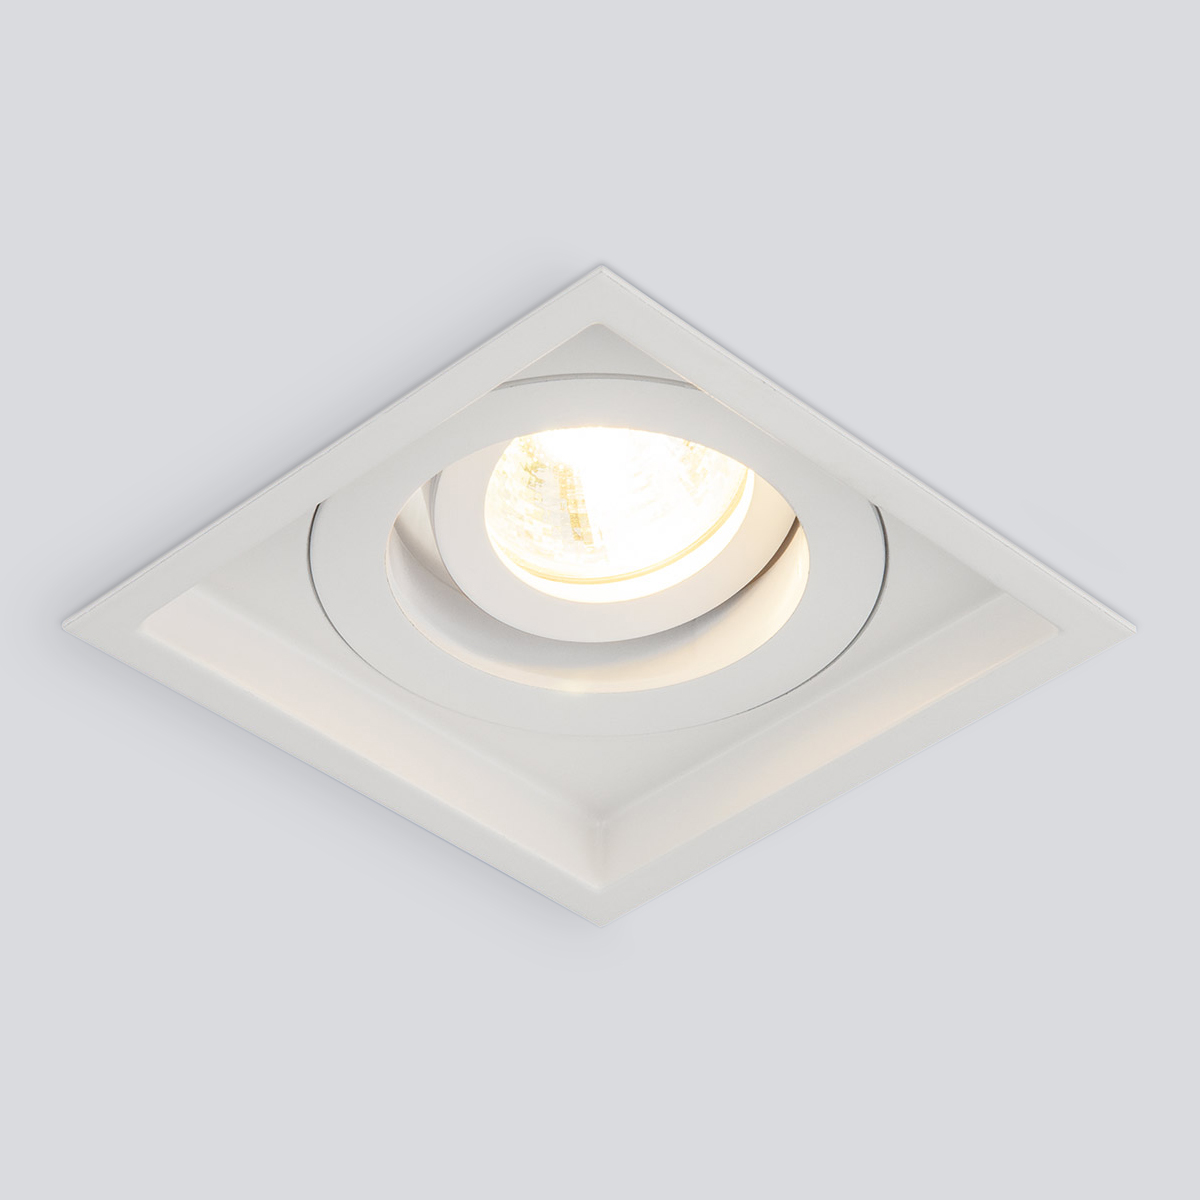 Фото Встраиваемый светильник Elektrostandard 1071 a036503